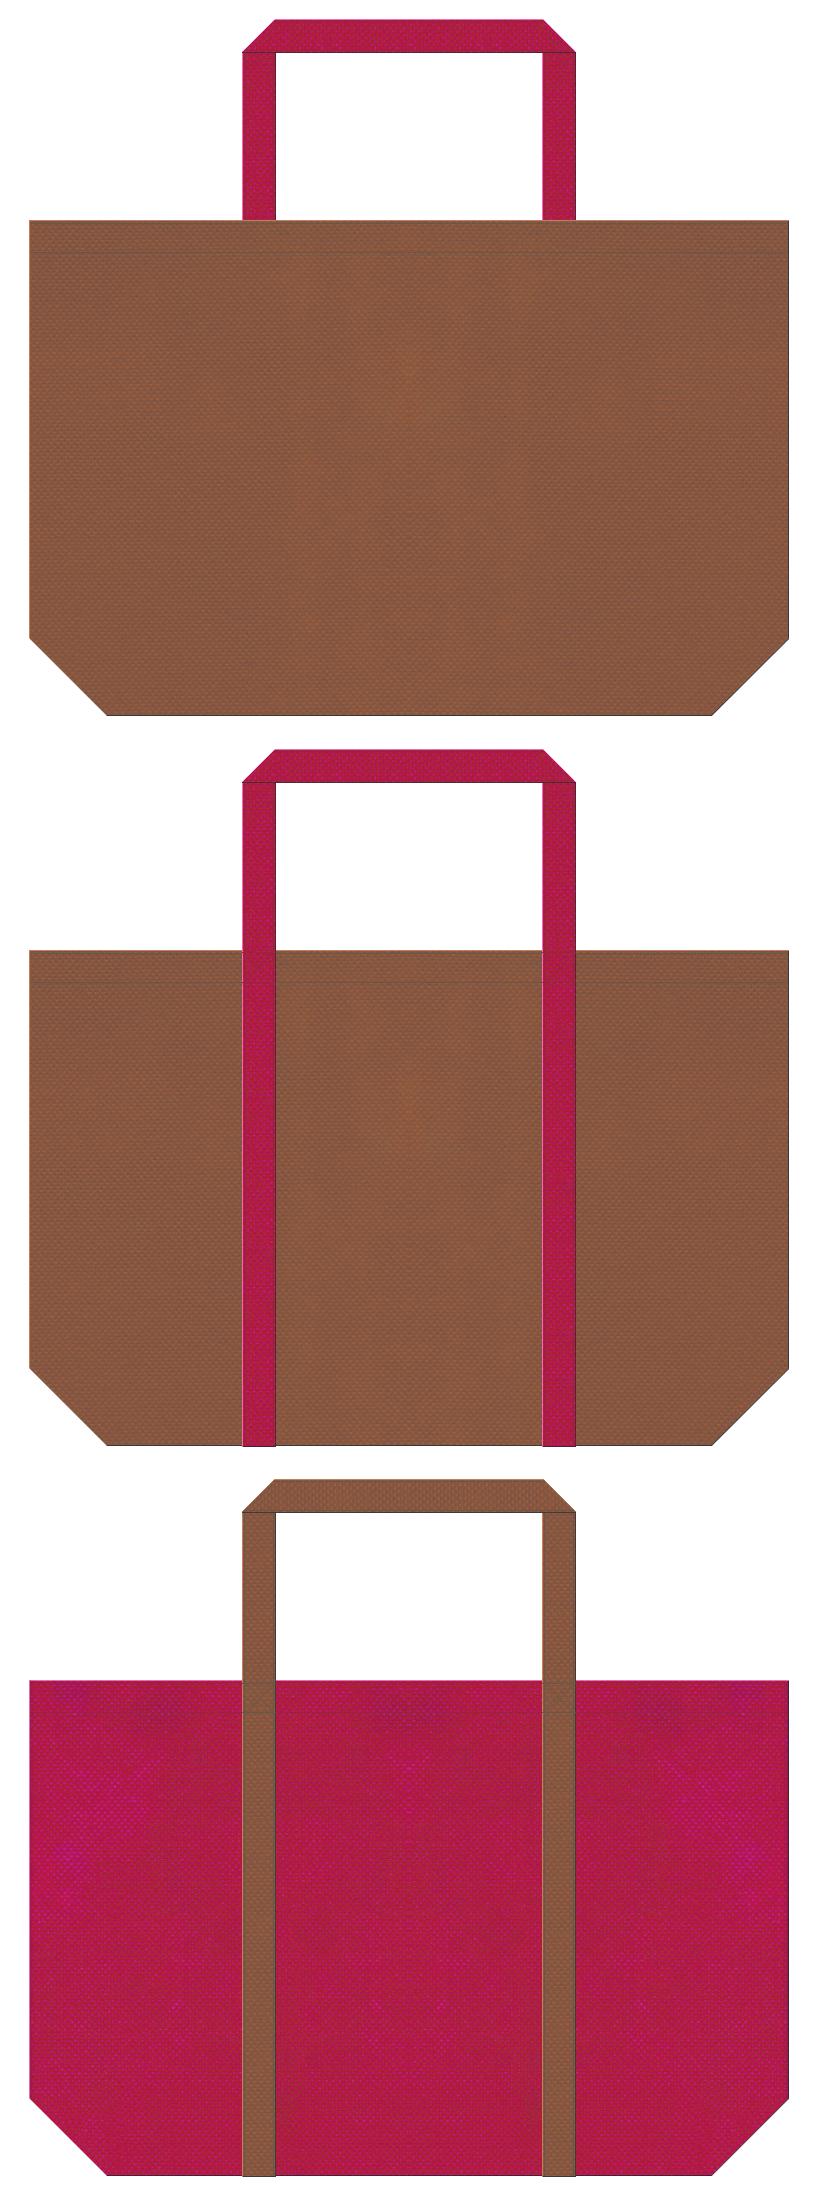 茶色と濃いピンク色の不織布ショッピングバッグのデザイン:南国・トロピカル・カクテルのイメージにお奨めです。